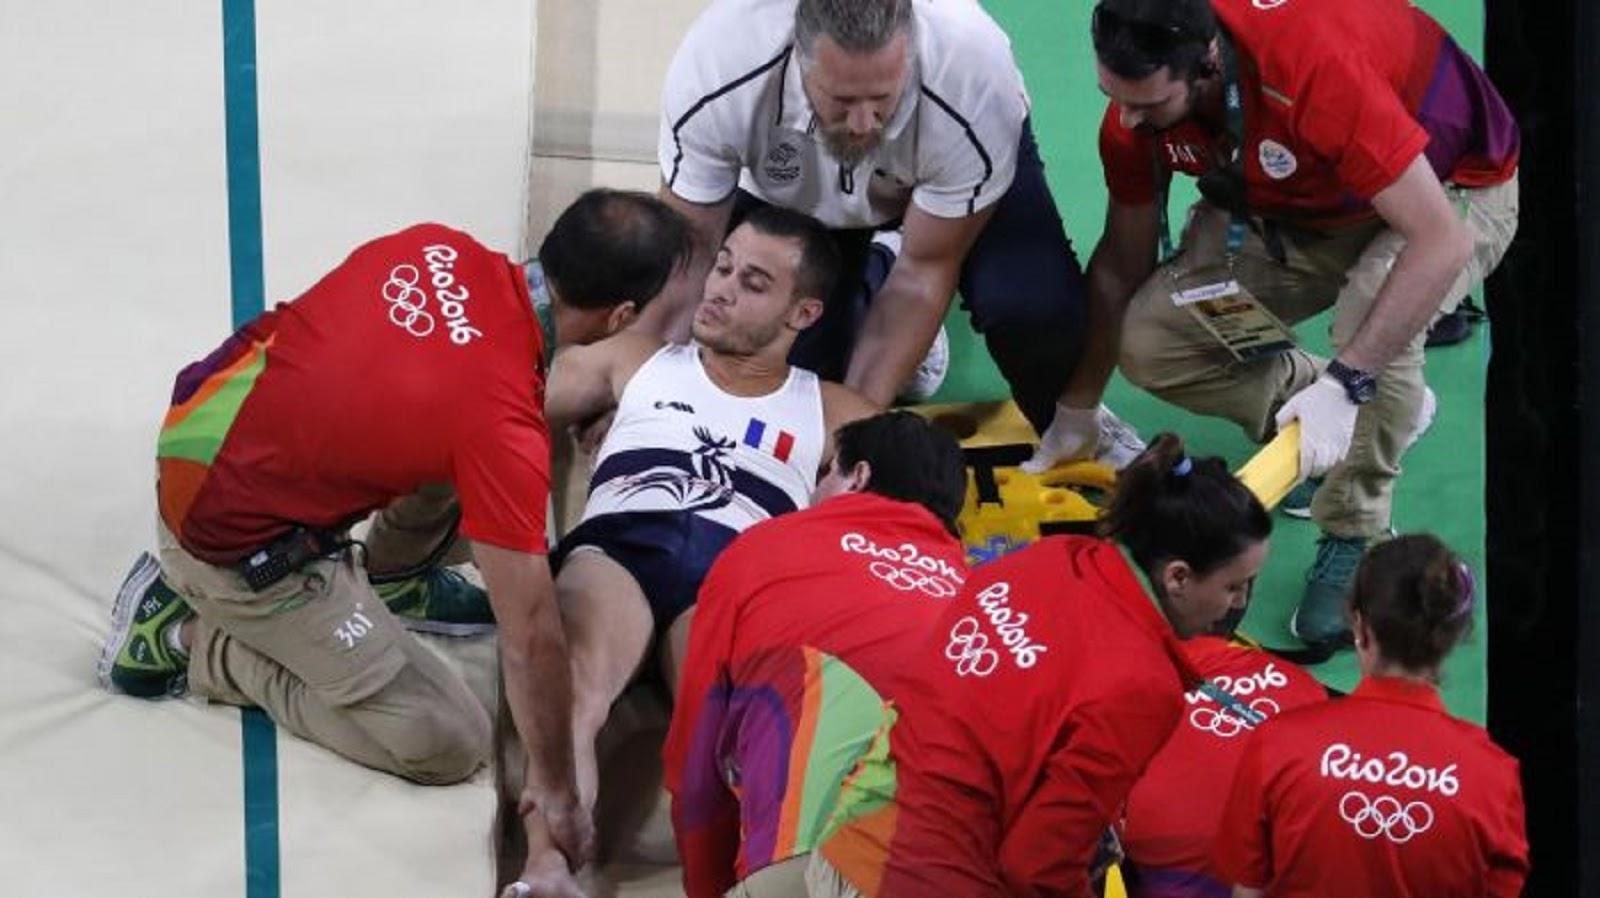 SAMIR AIT SAID, RIO OLYMPICS 5